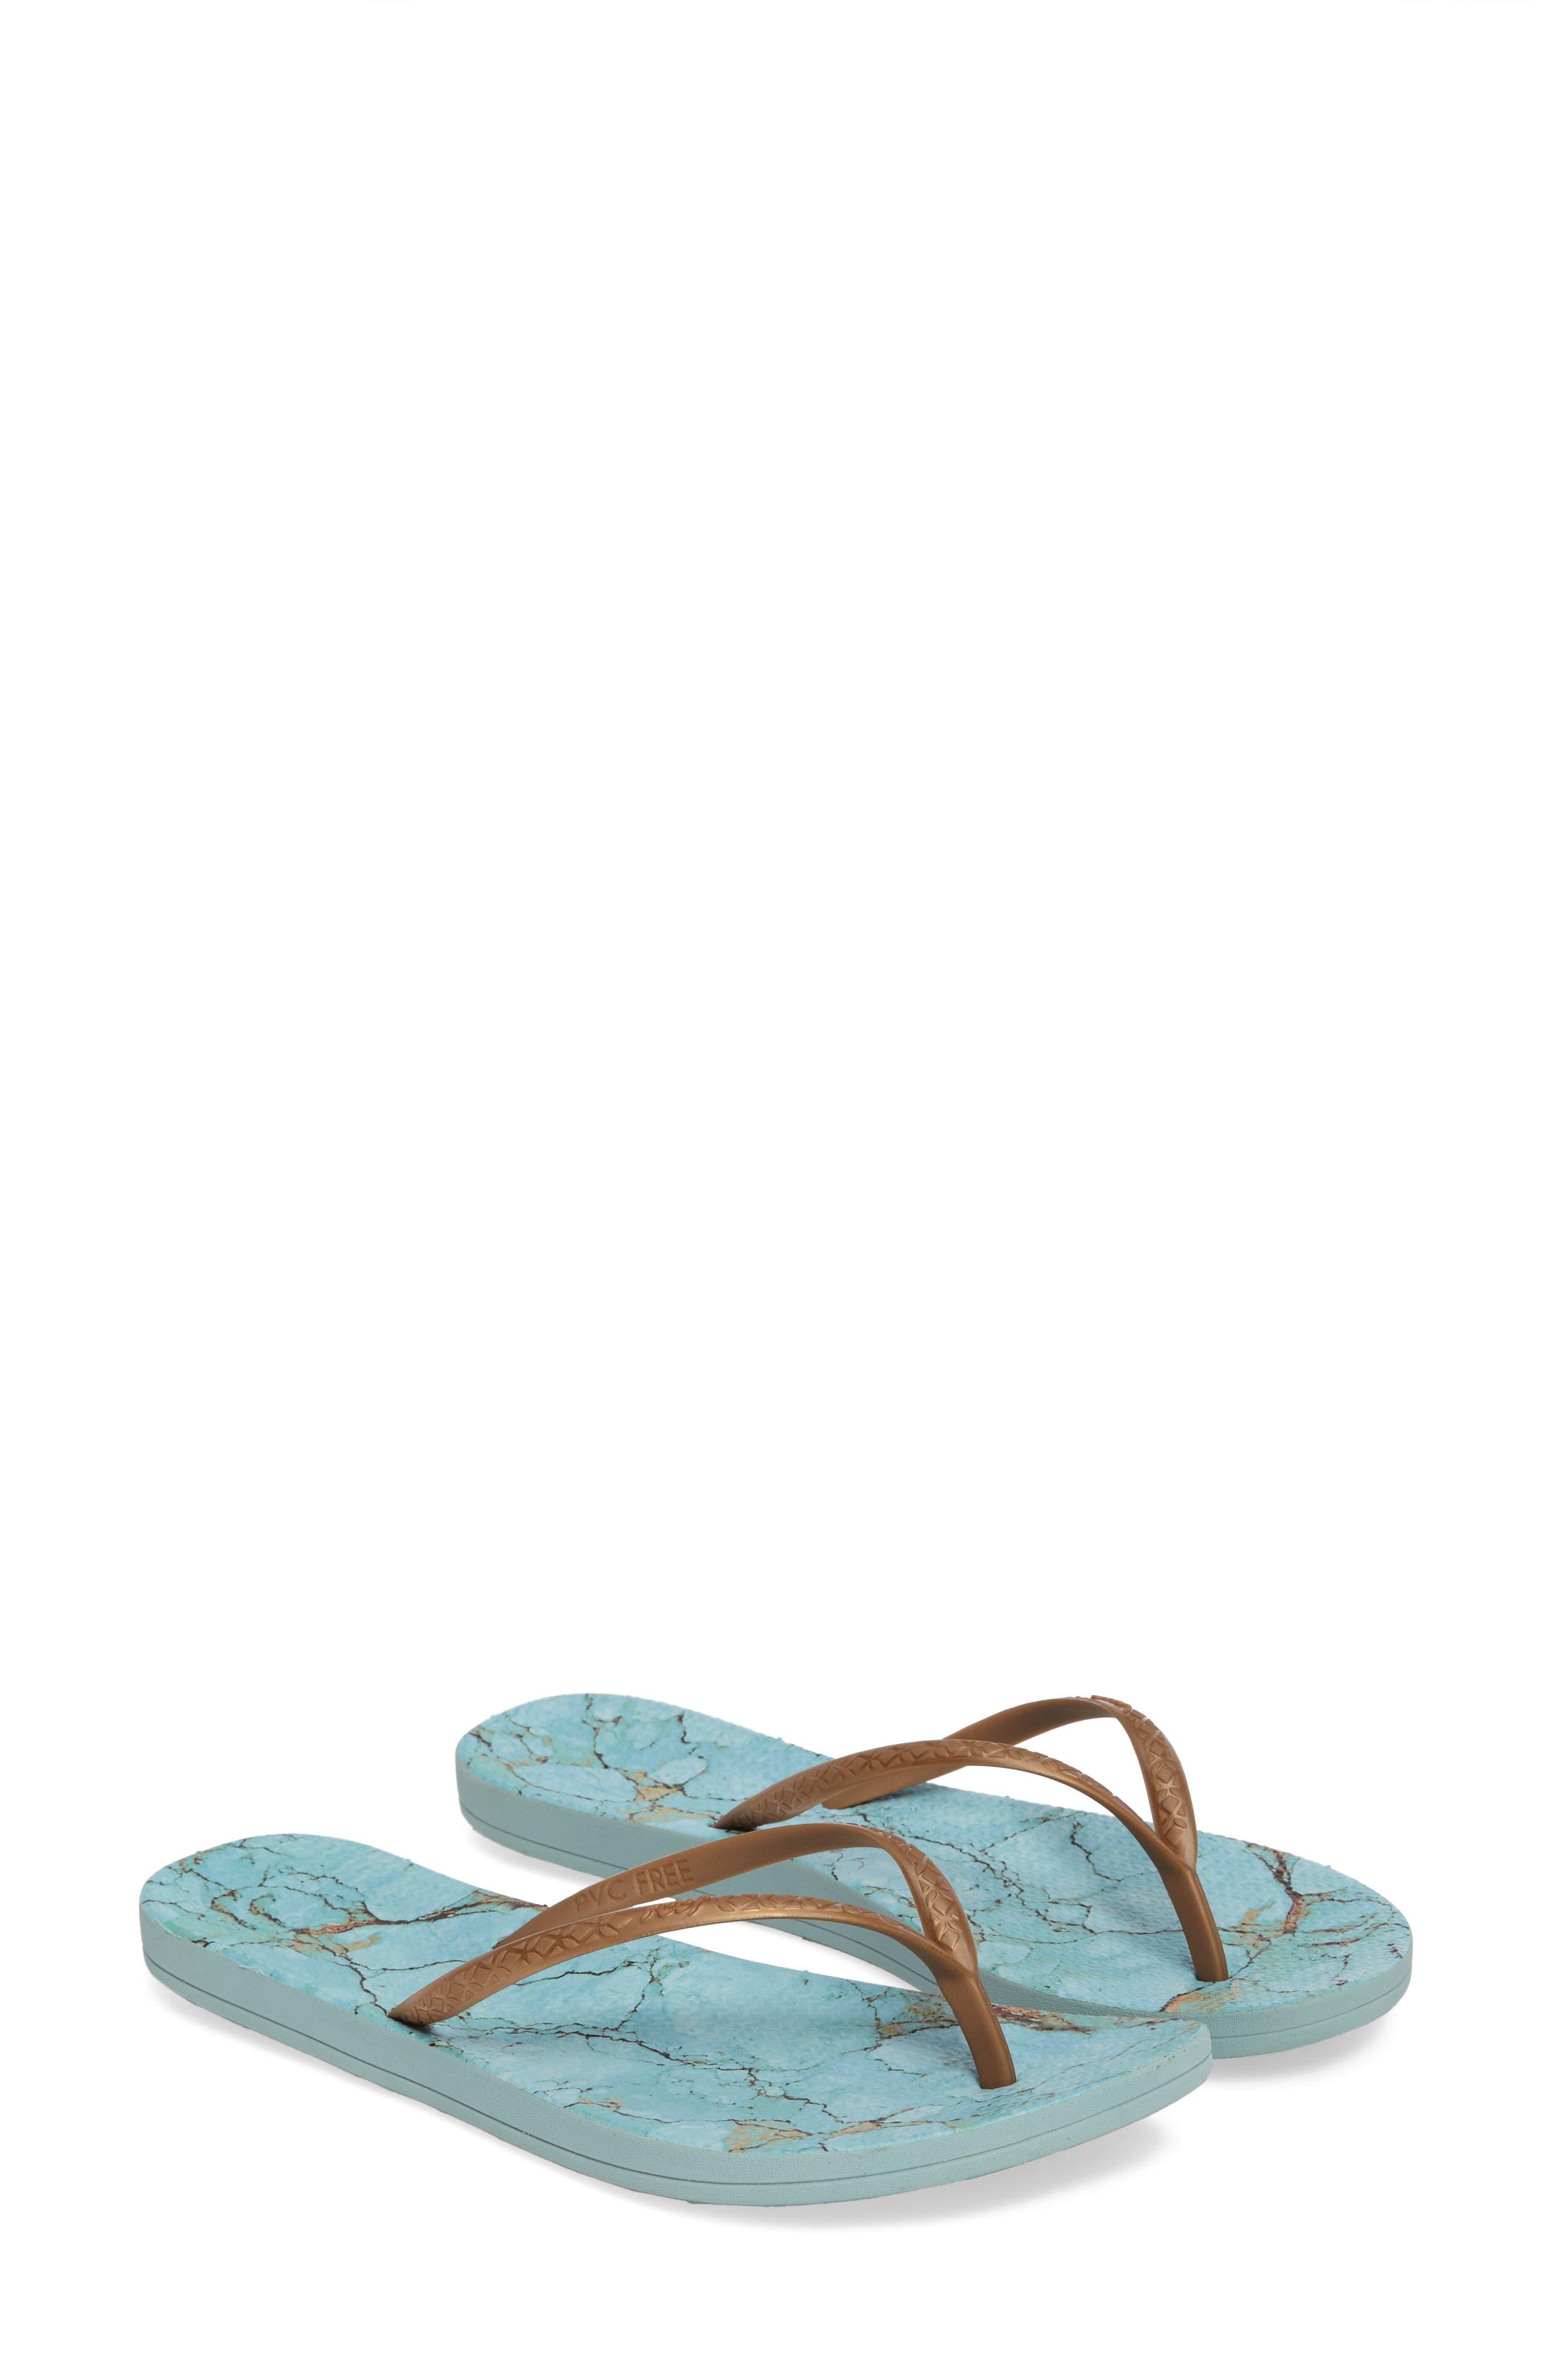 Main Image - Reef Escape Flip Flop (Women)